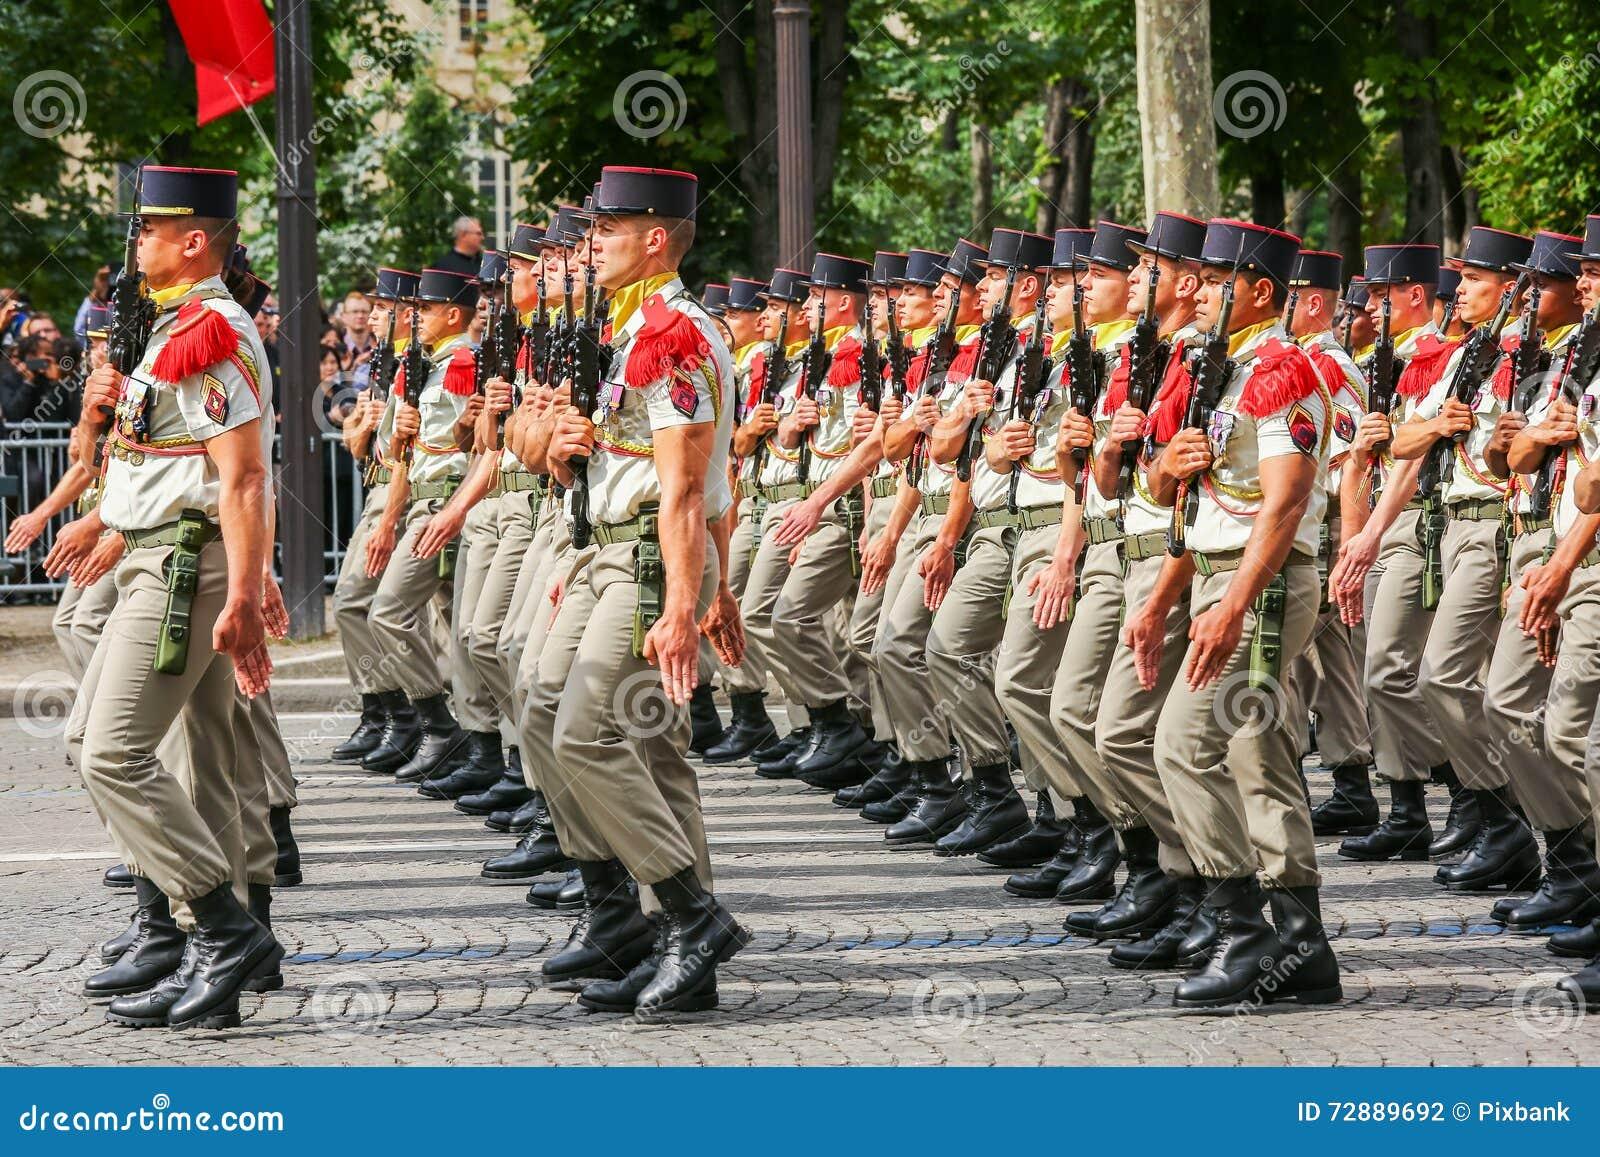 Στρατιωτική παρέλαση της εθνικής χωροφυλακής (Defile) κατά τη διάρκεια του εθιμοτυπικού της γαλλικής εθνικής μέρας, Cham